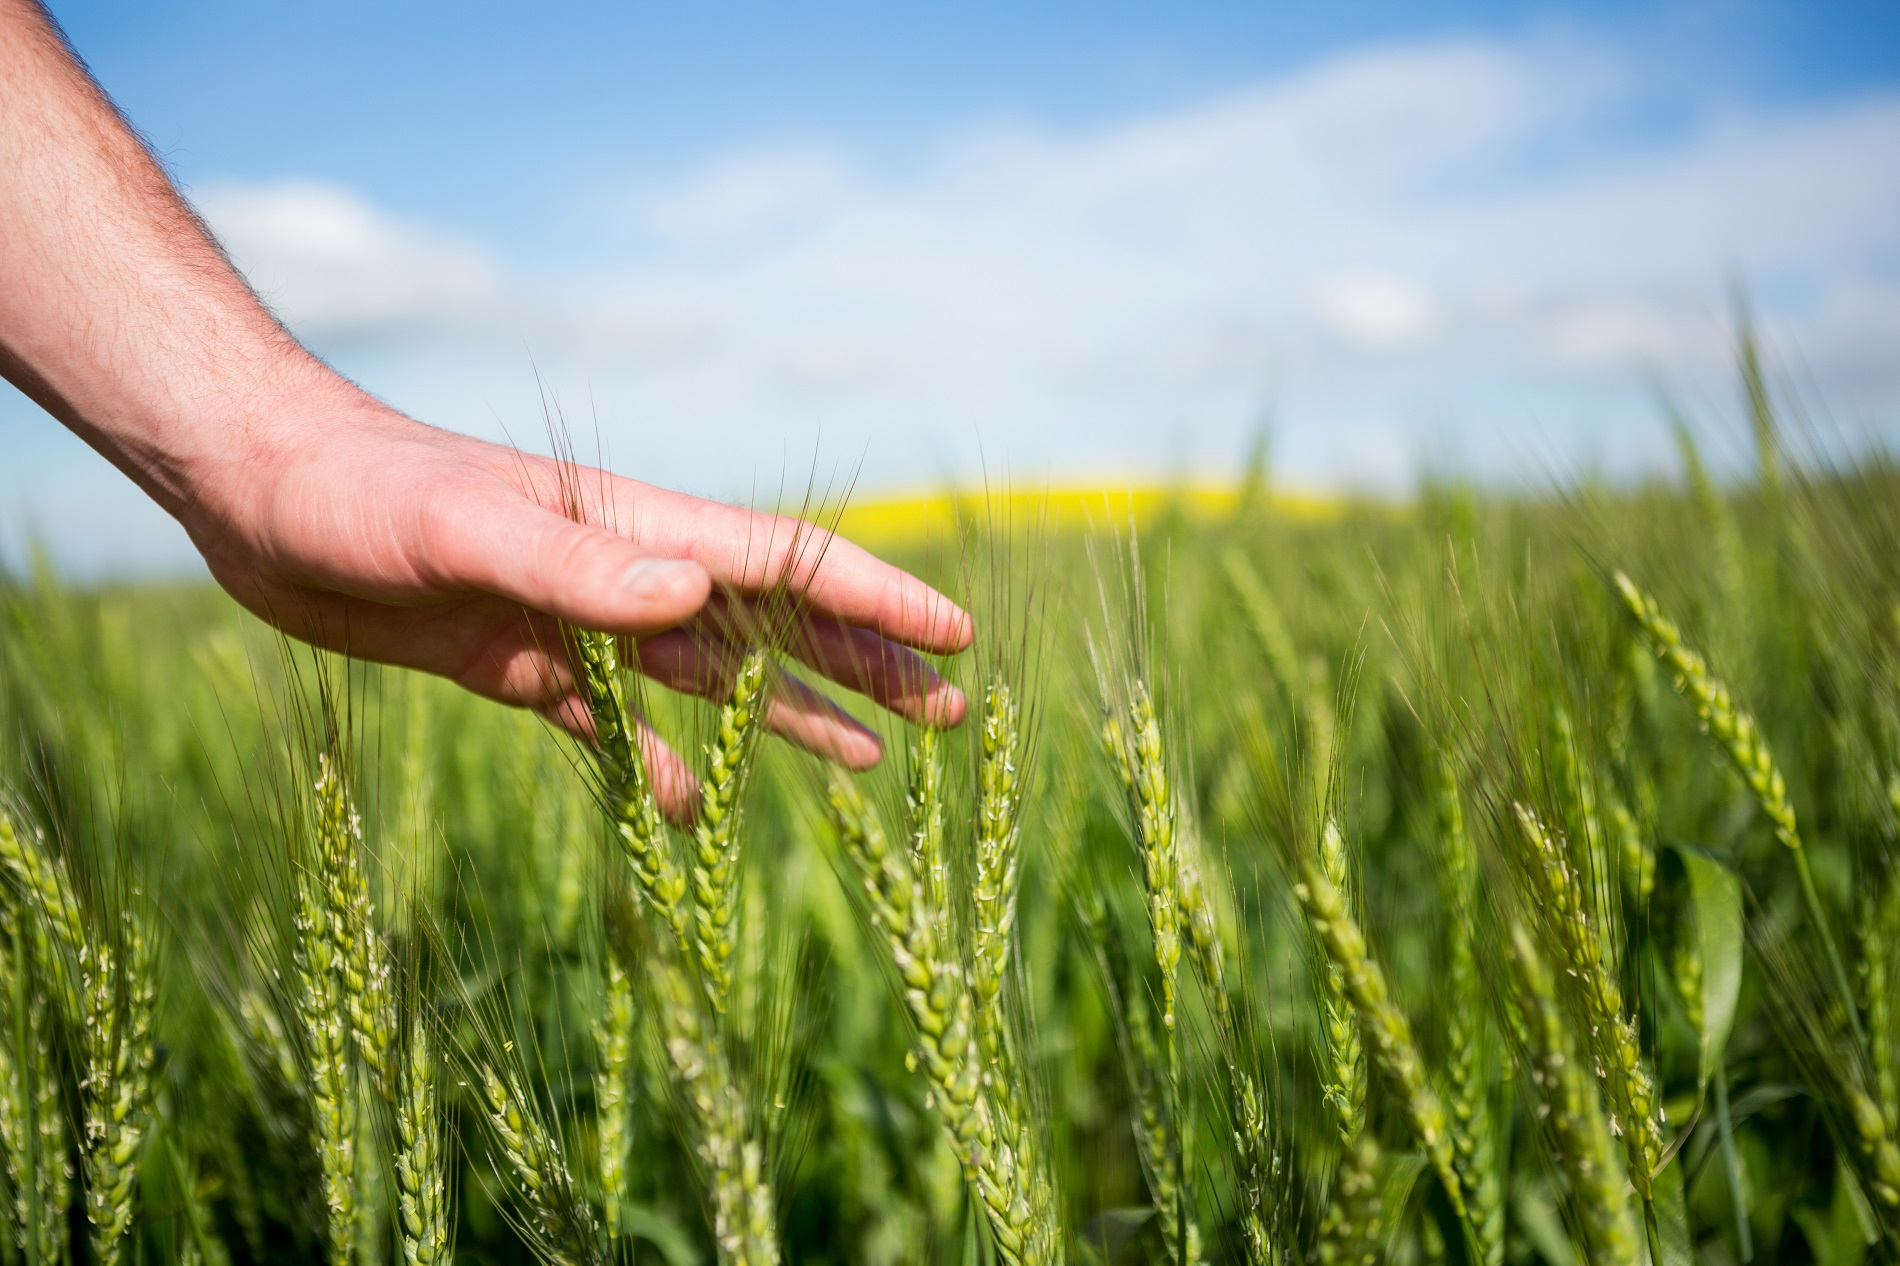 Sanidad vegetal, productividad agrícola y reducción del desperdicio alimentario